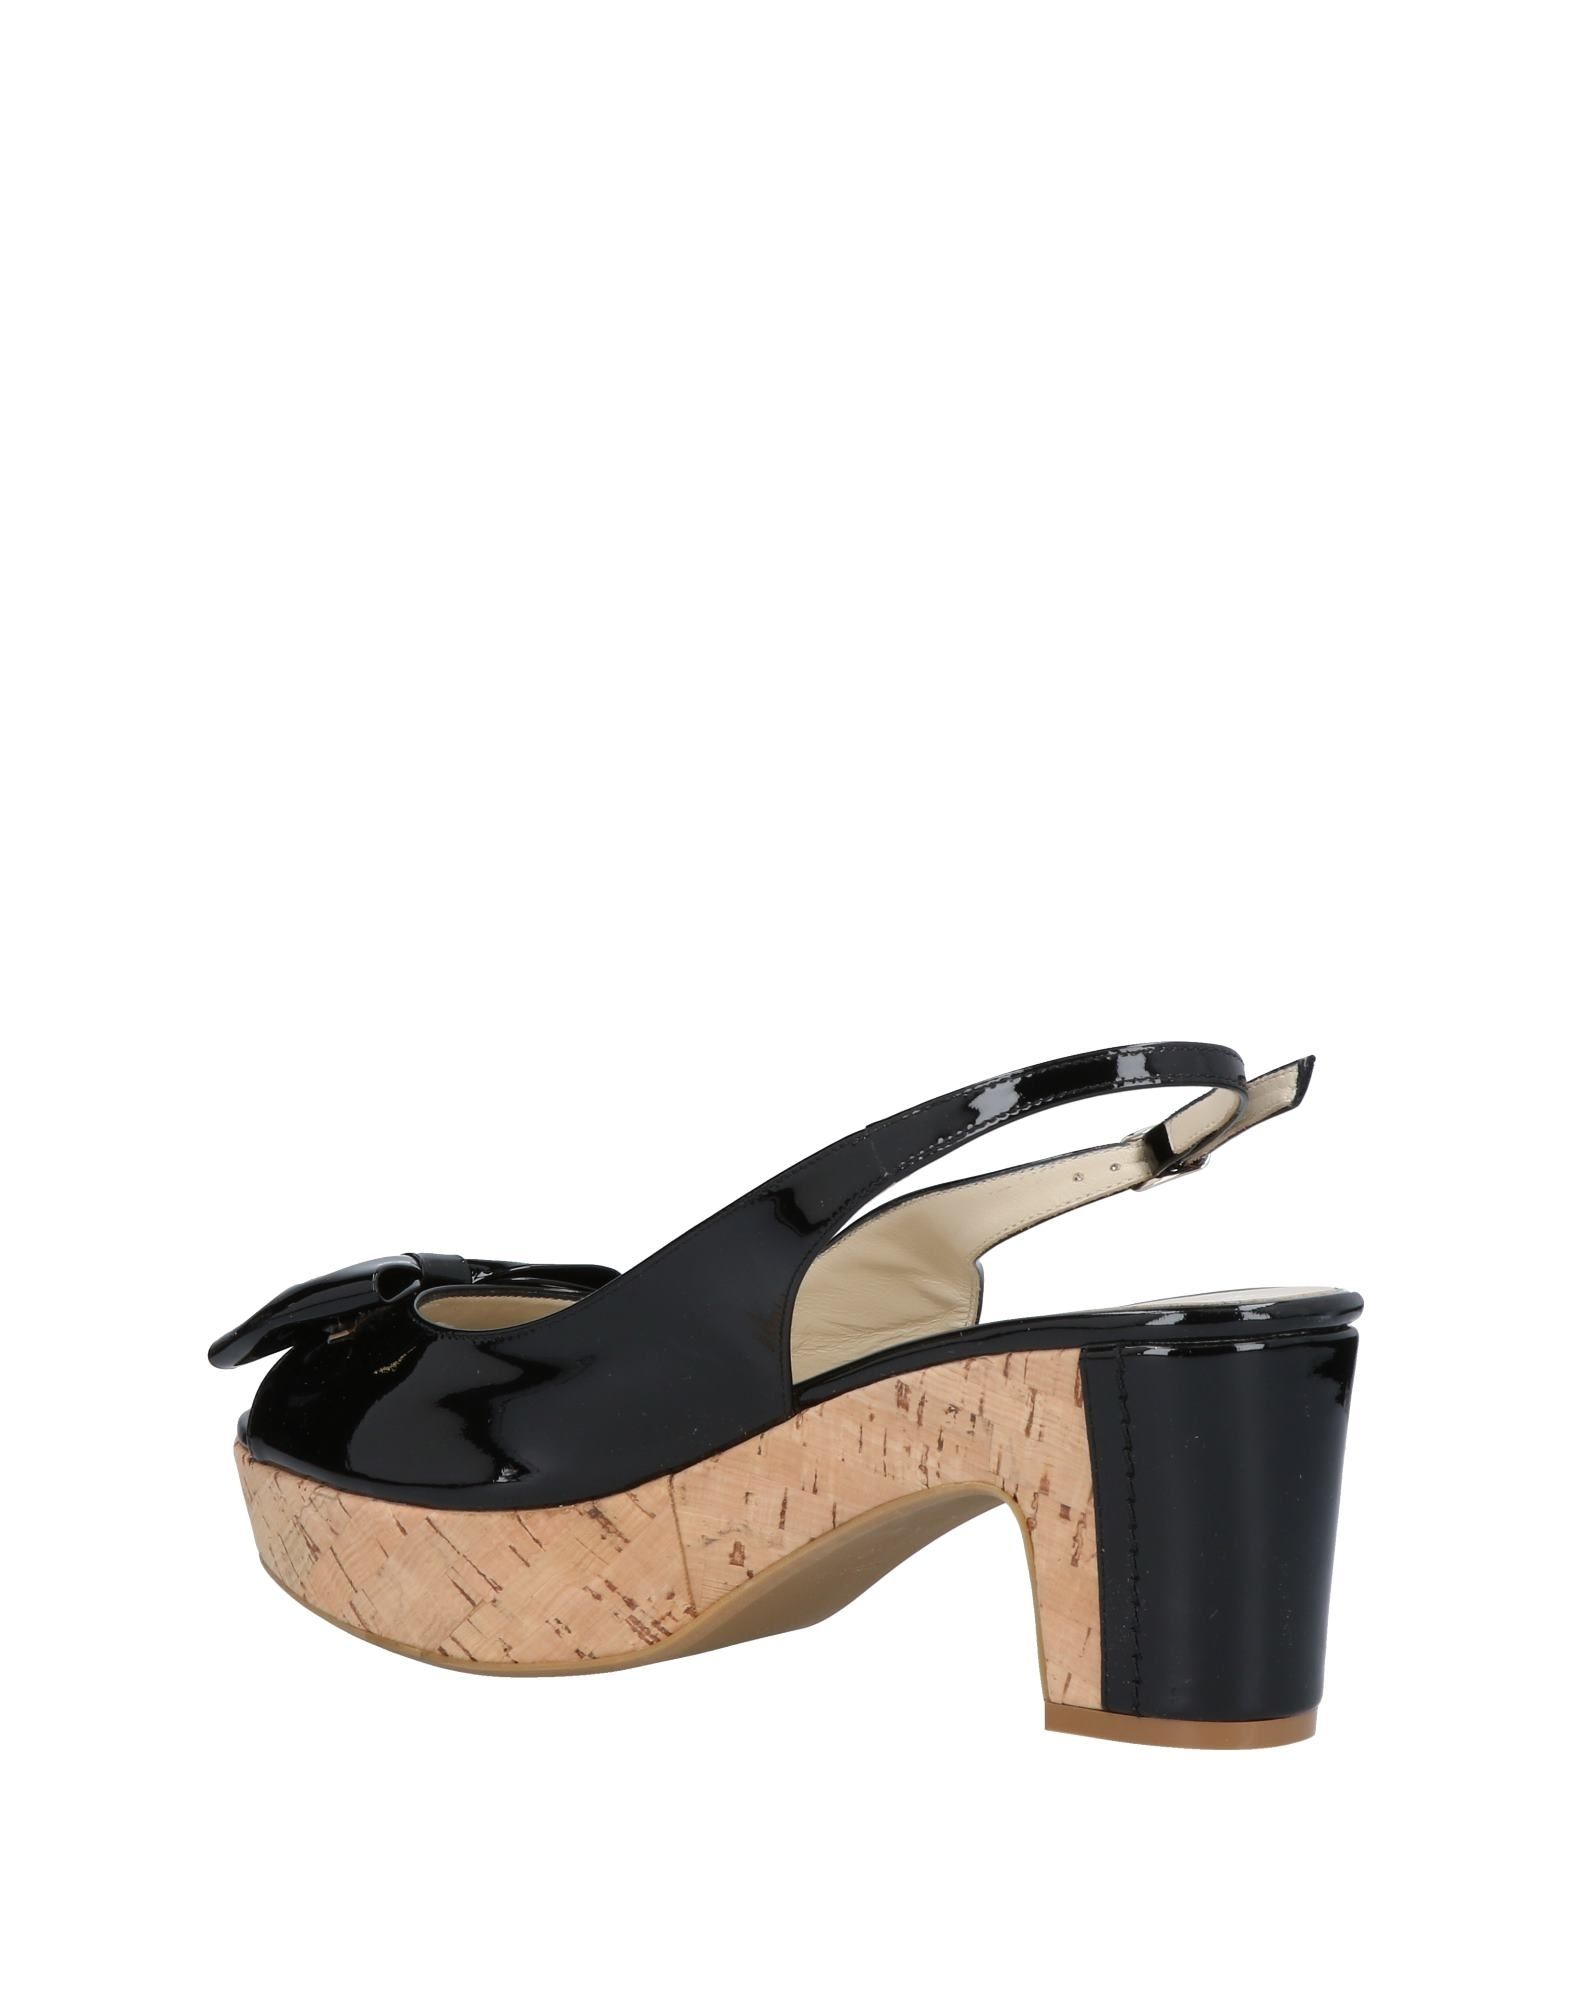 Sandales Dienneg Femme - Sandales Dienneg sur